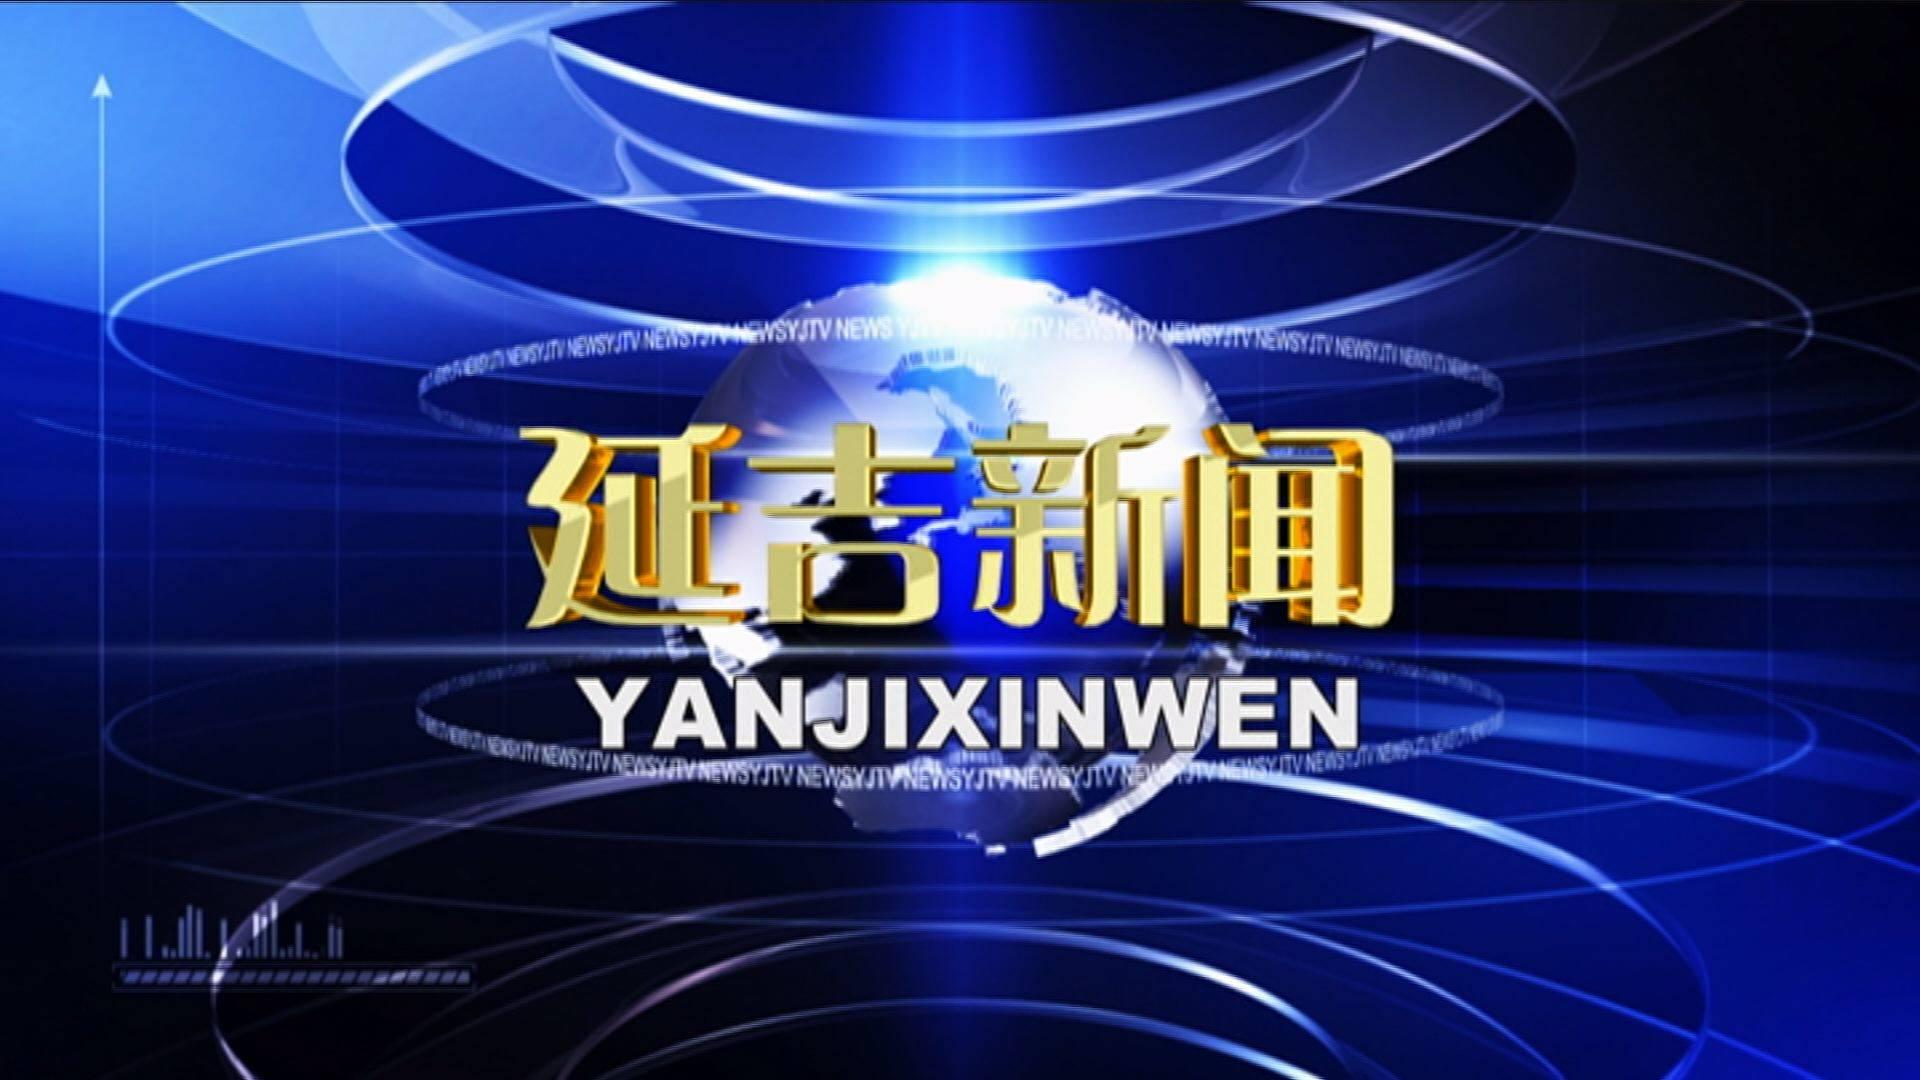 2020. 11. 09 延吉新闻